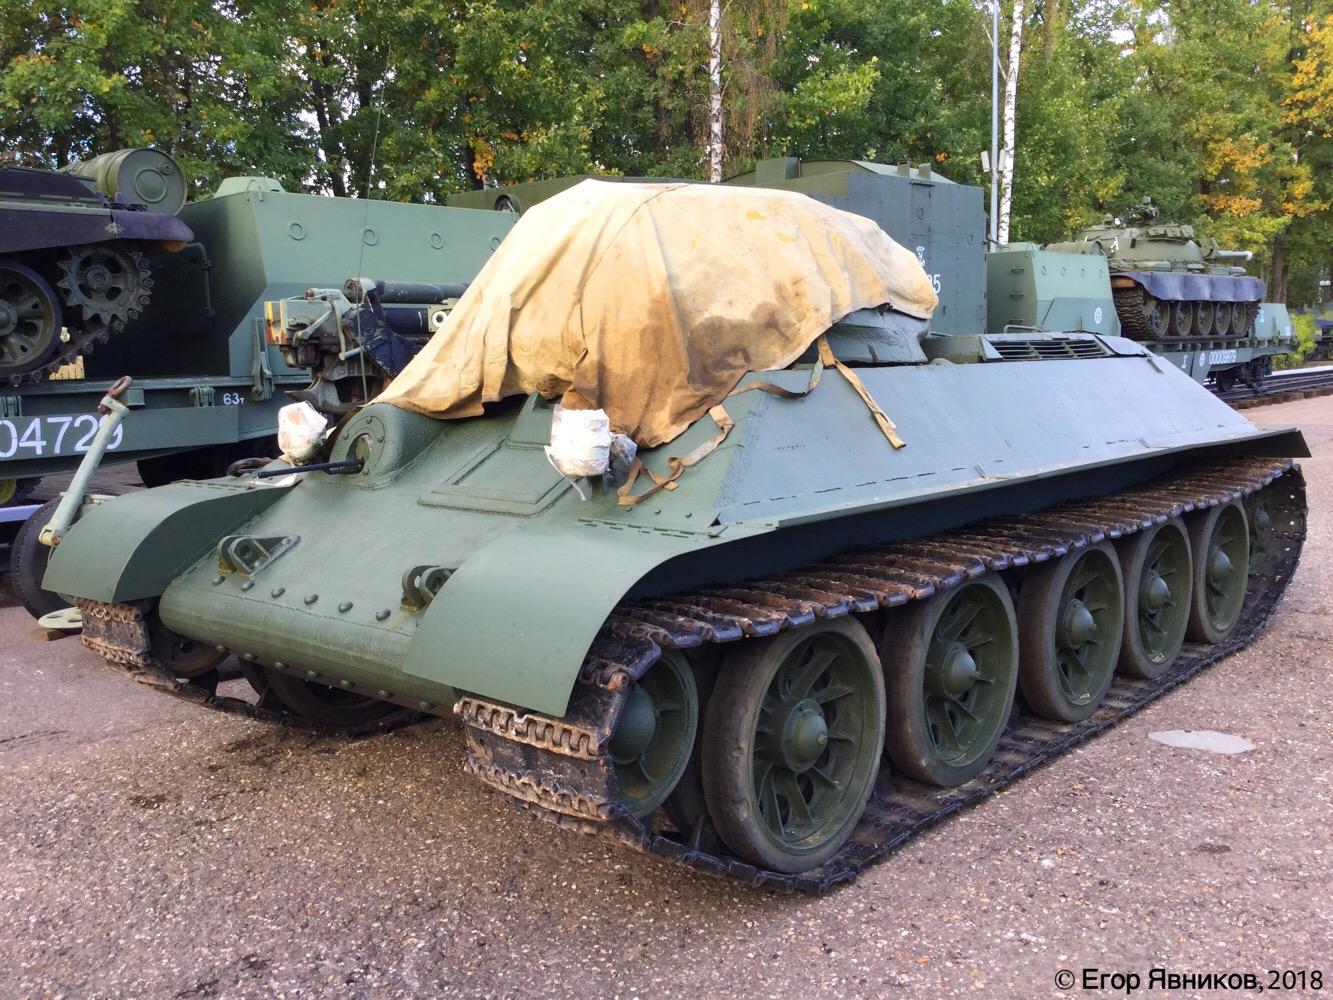 Советский средний танк Т-34-76. Московская область, Ильинское шоссе 4-ый км (Музей техники Вадима Задорожного)